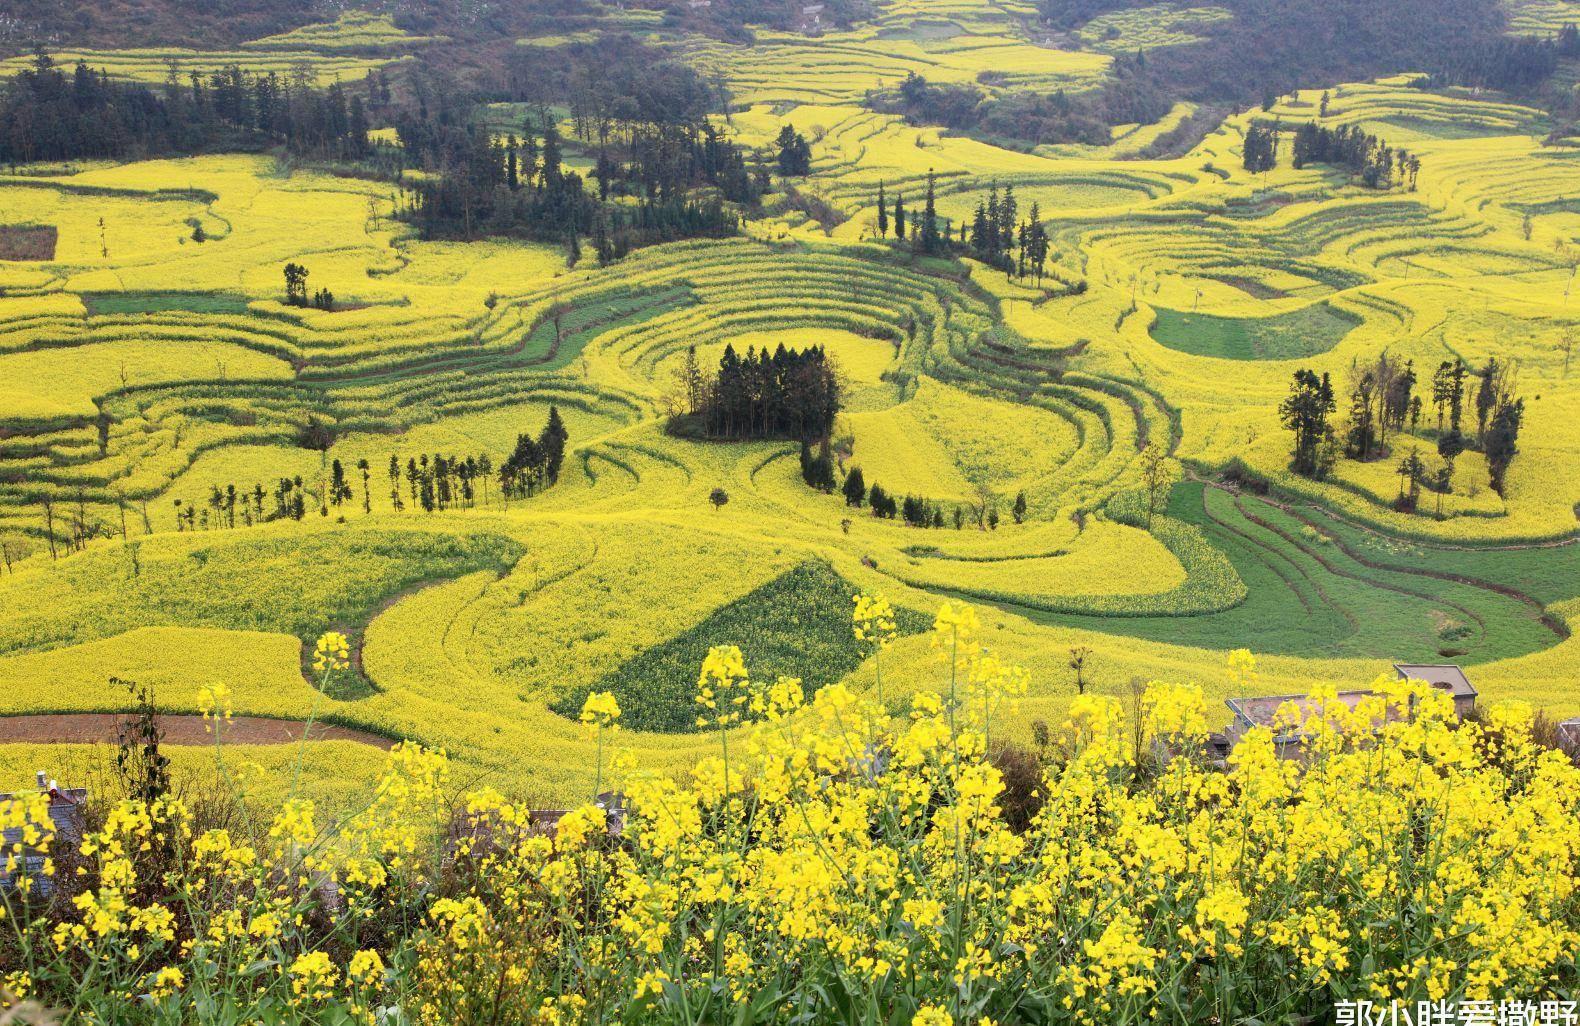 """原创             号称""""中国之最""""的景观,甘肃此景是国内唯一,只有震撼可言"""